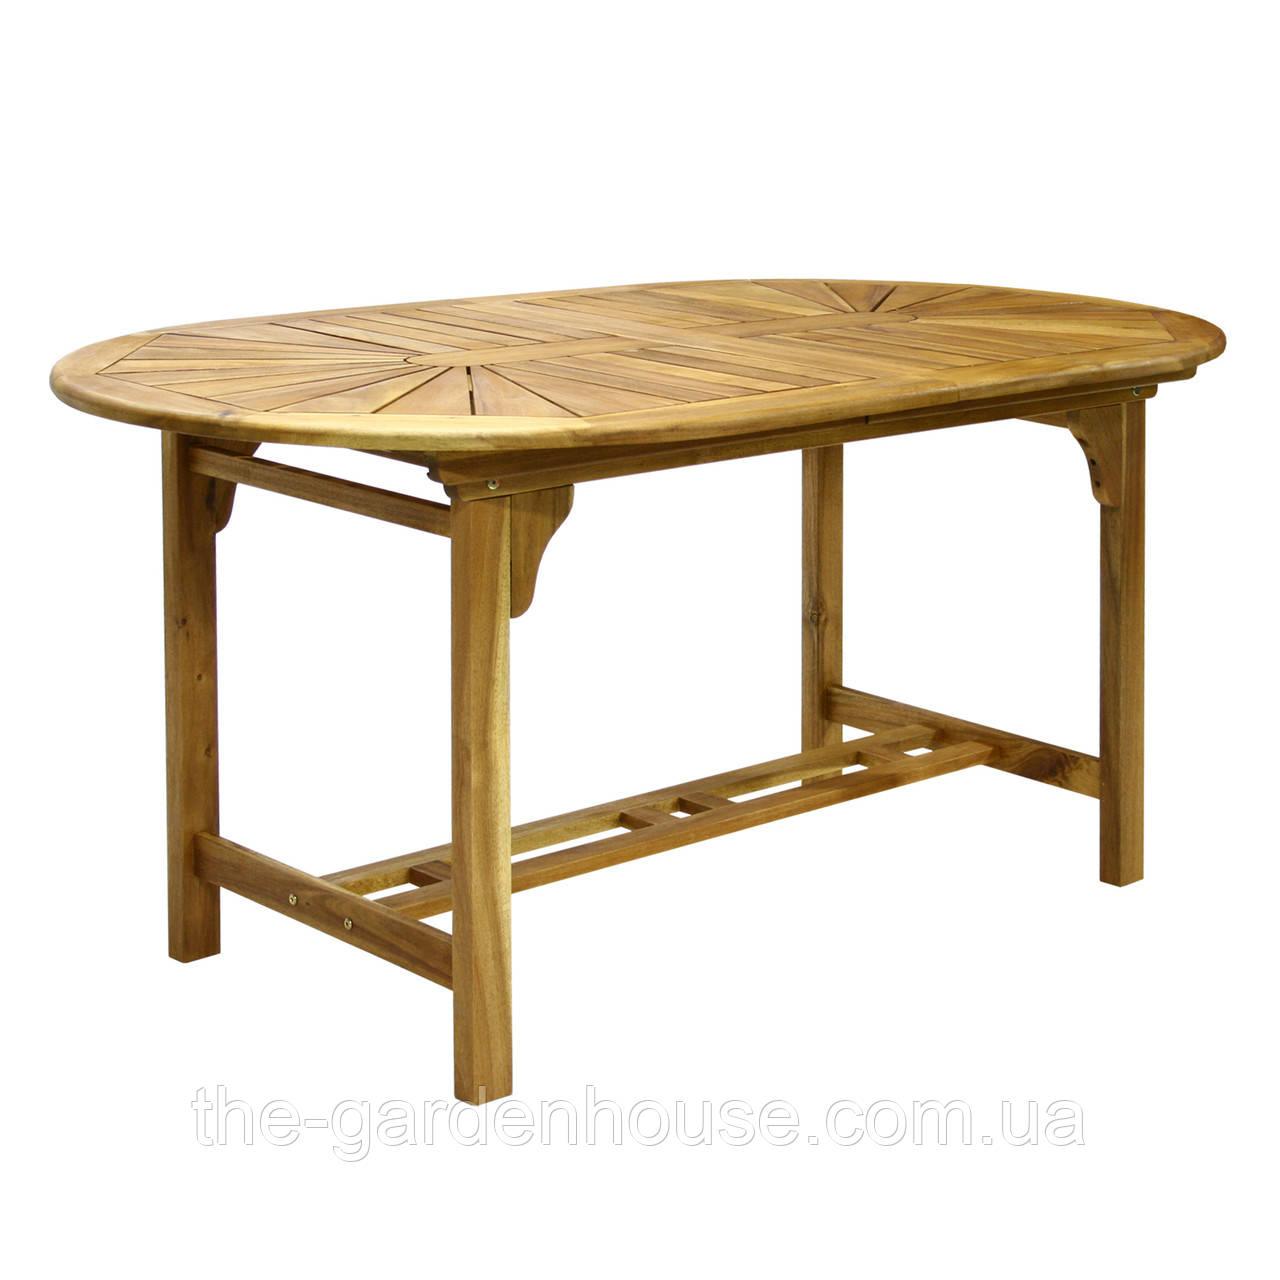 Раскладной стол Finlay из массива акации 153/195x90xH72 см